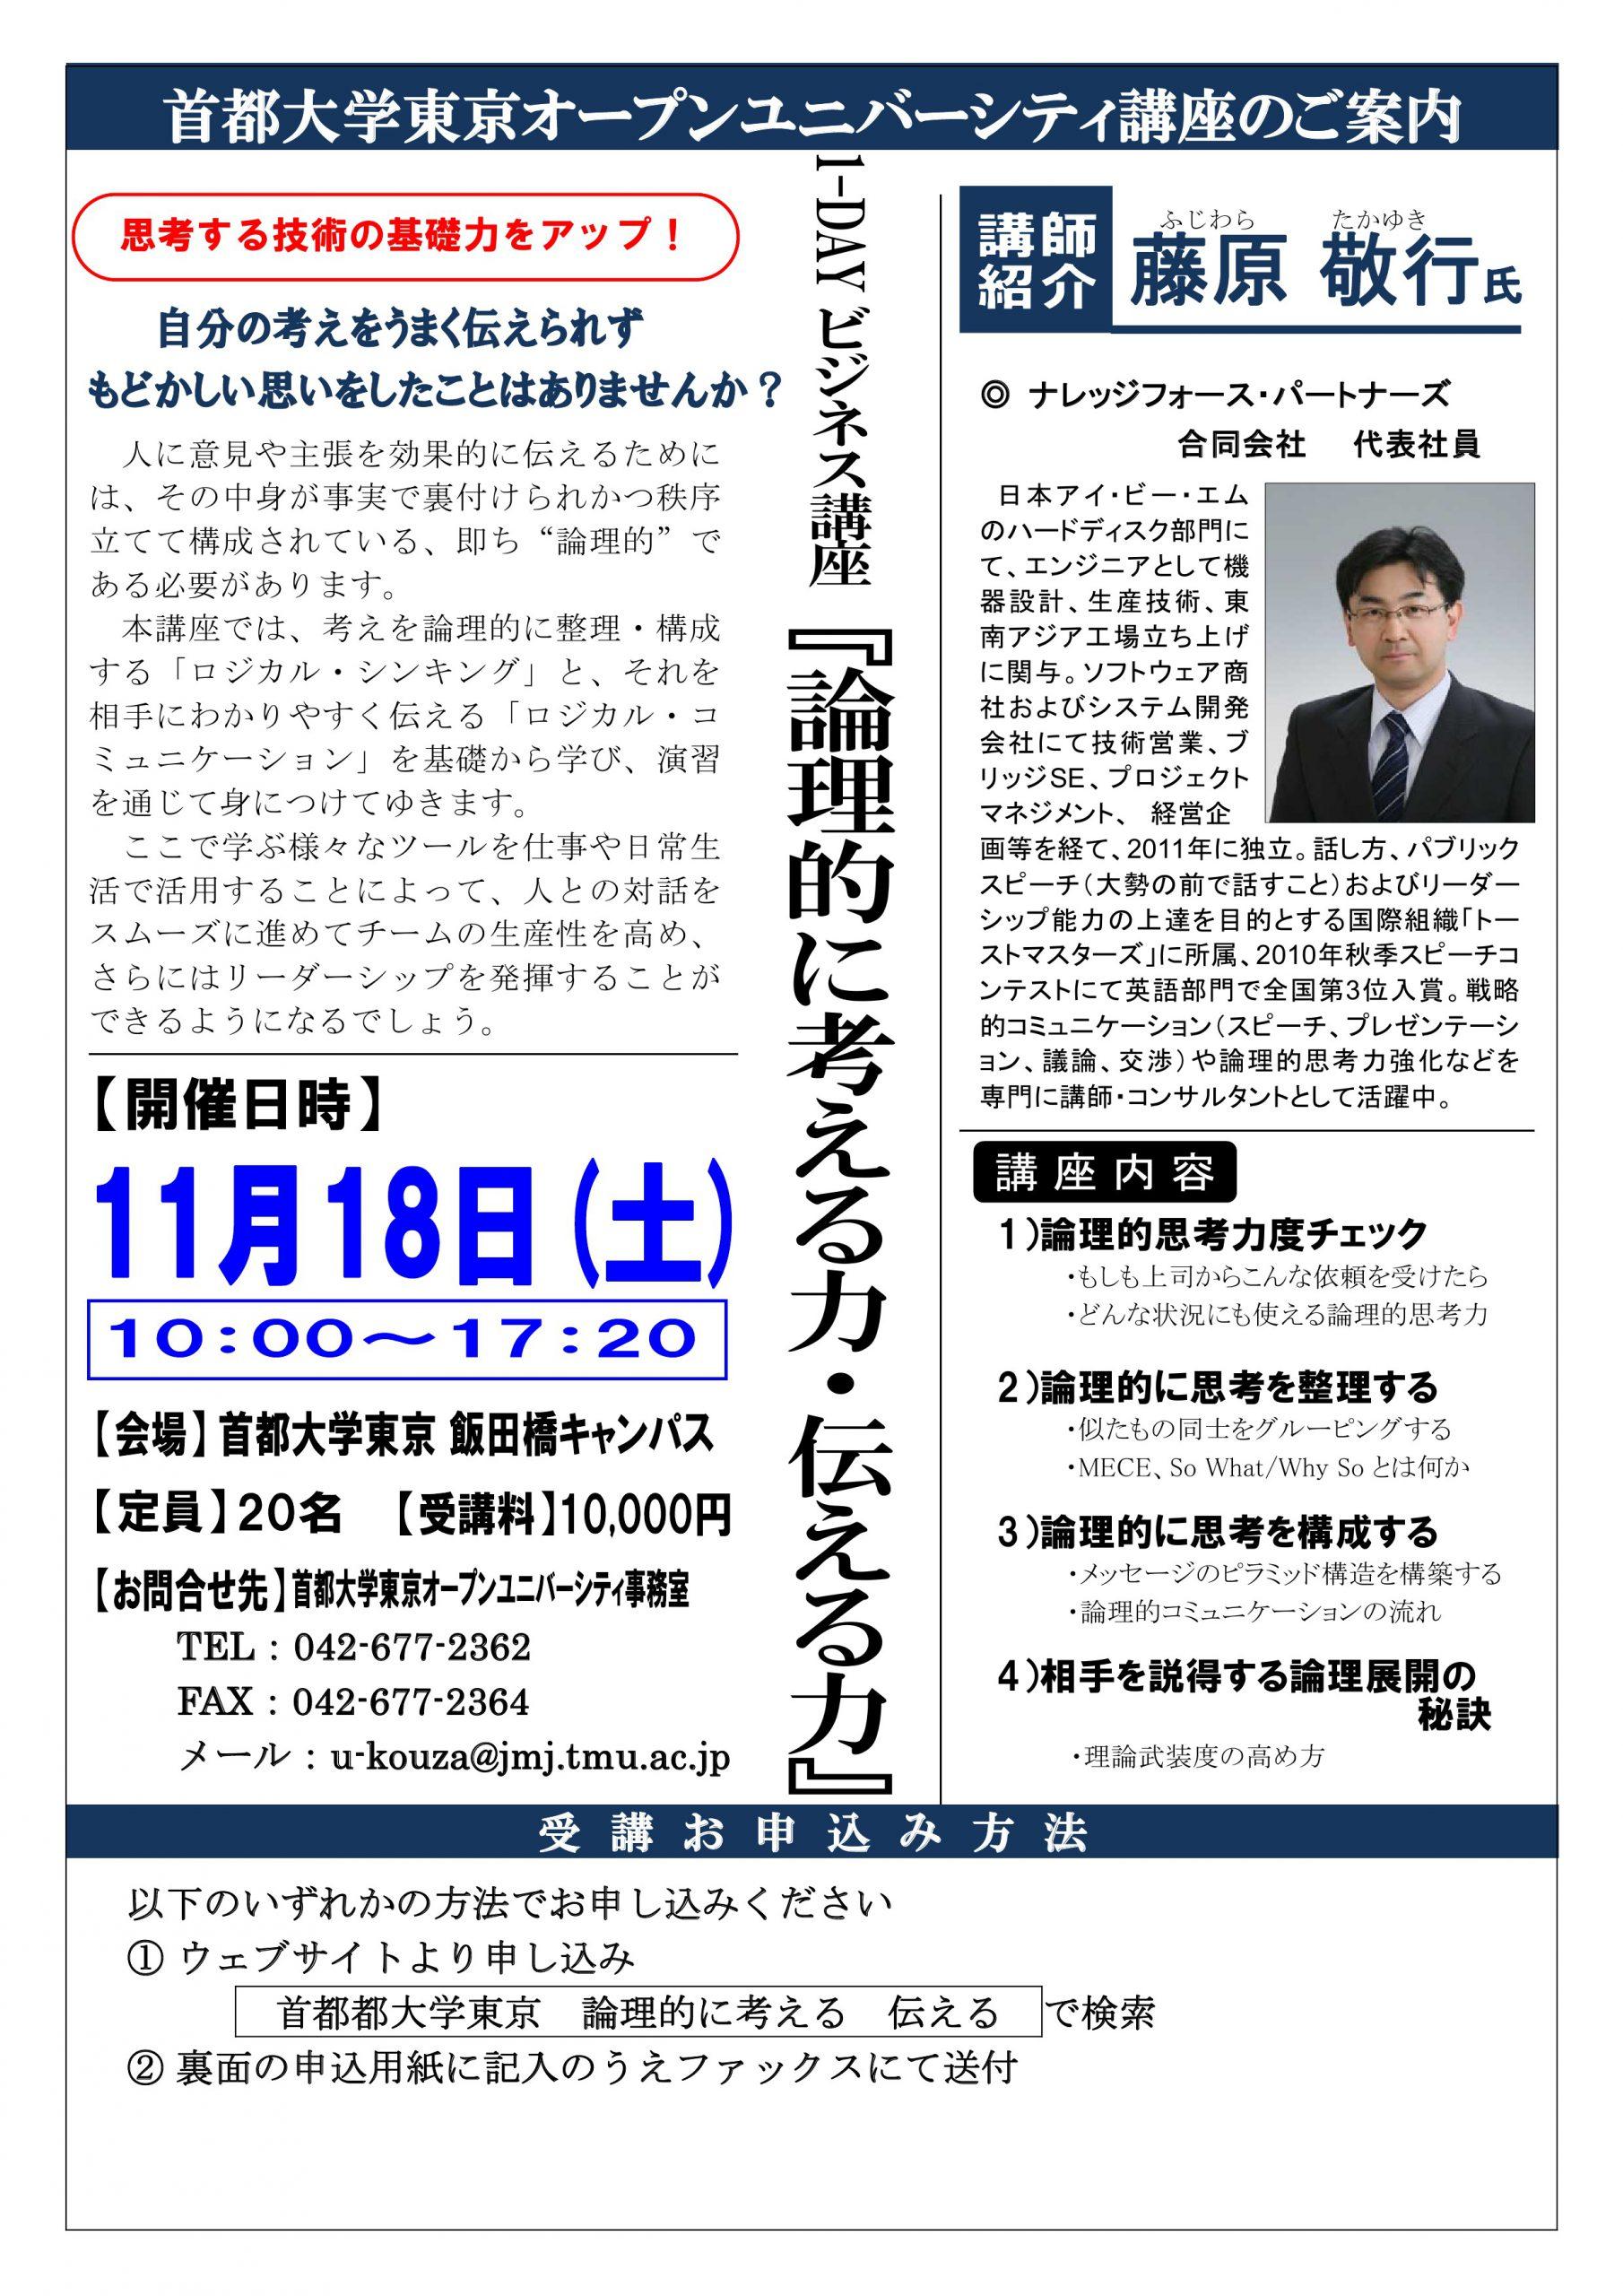 2017年11月18日                                    (土)                                      首都大学東京オープンユニバーシティ 主催                                     「論理的に考える力・伝える力」                                     セミナーチラシ